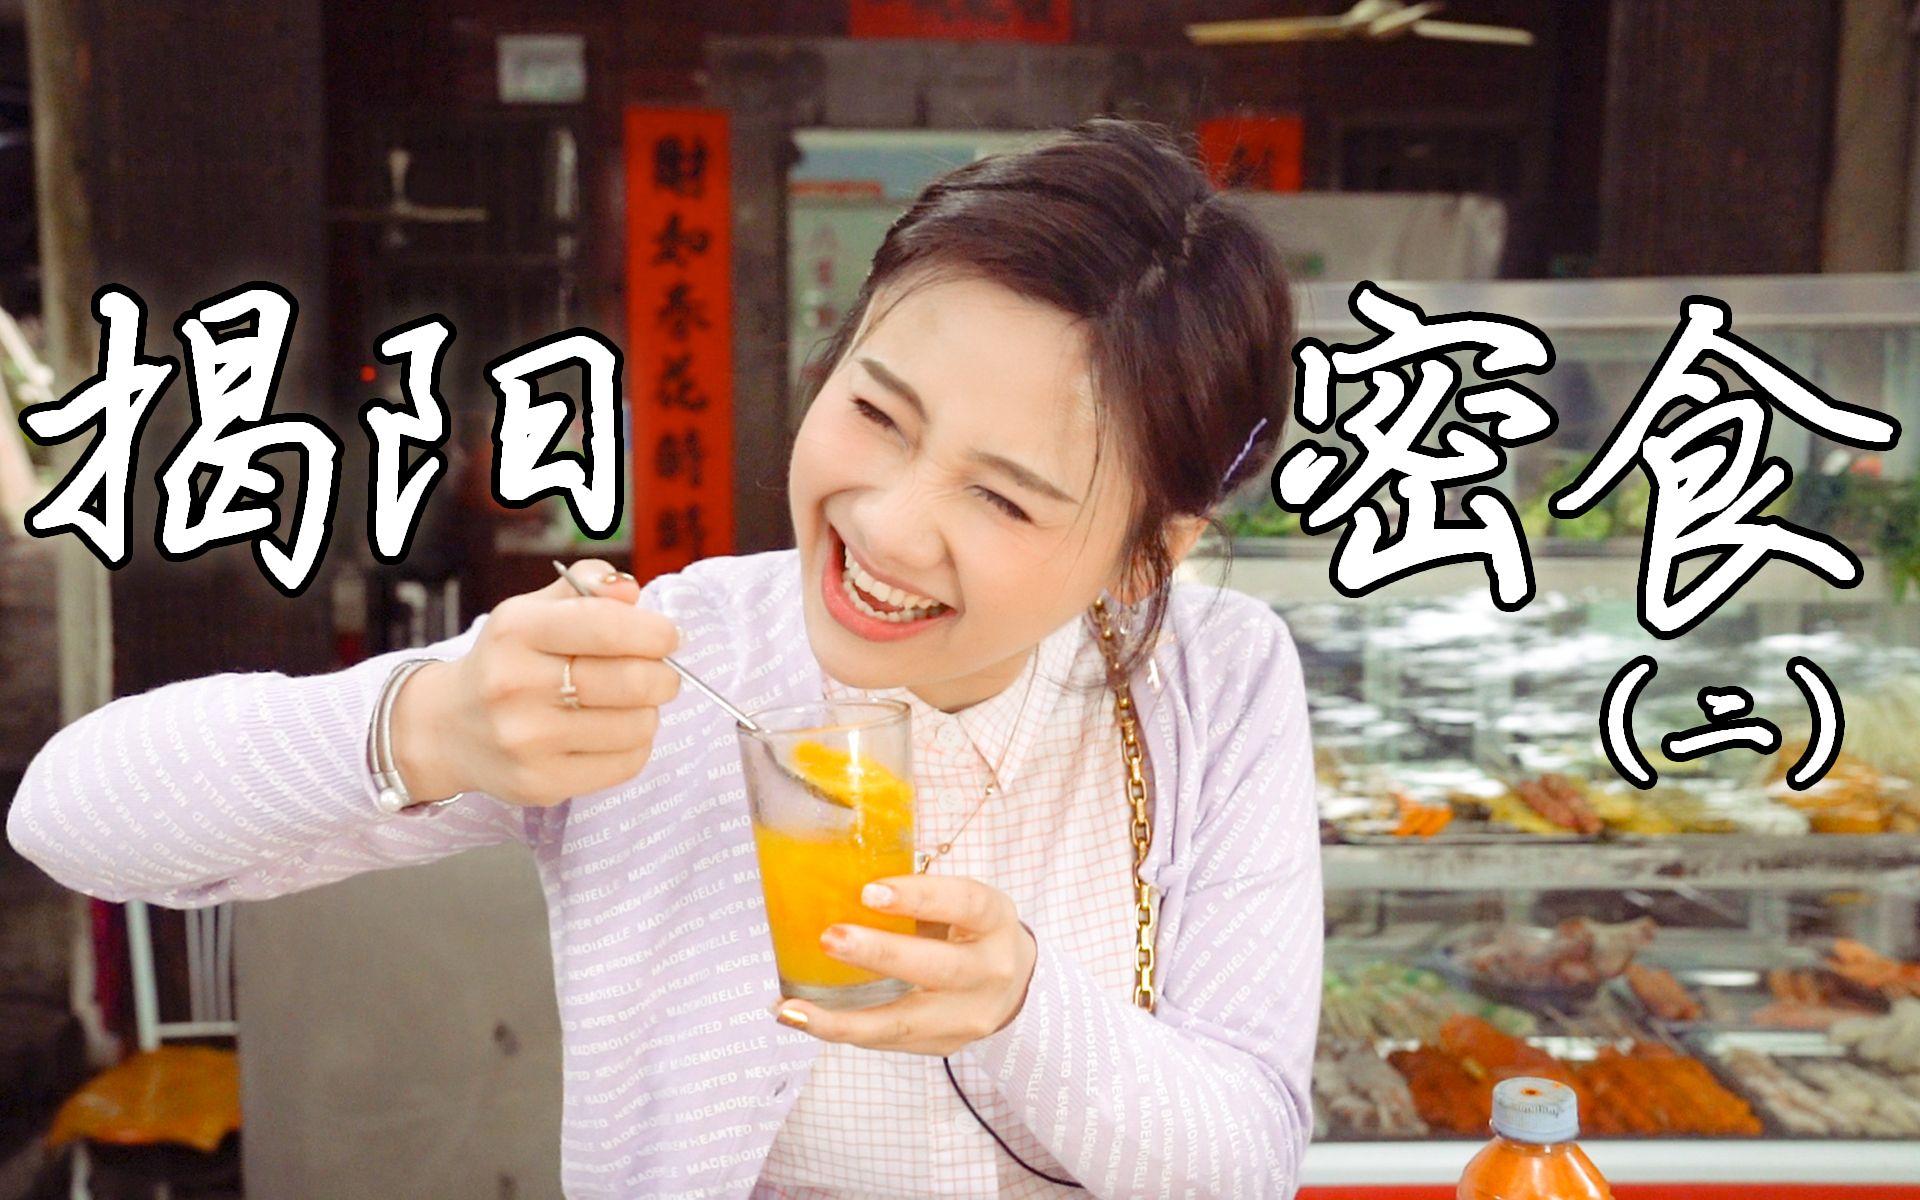 大密 | 湖南媳妇在揭阳开烧烤店 辣飞了 | 逛吃特色小吃一天